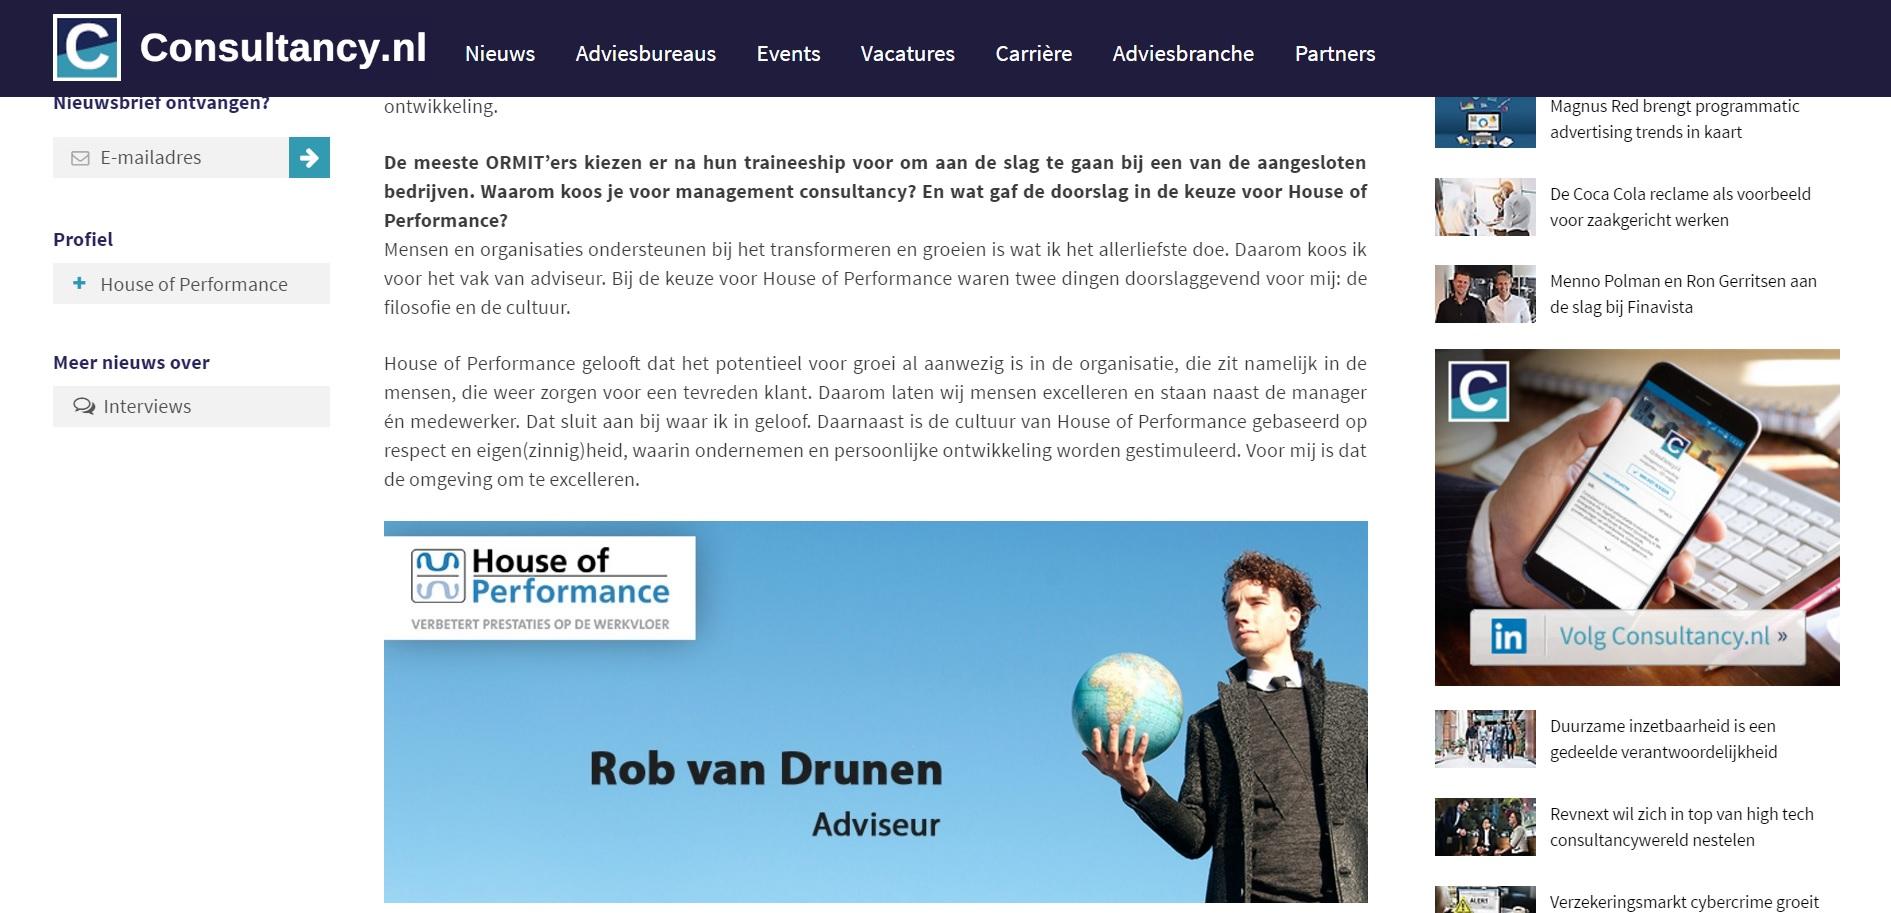 Consultancy.nl Rob van Drunen